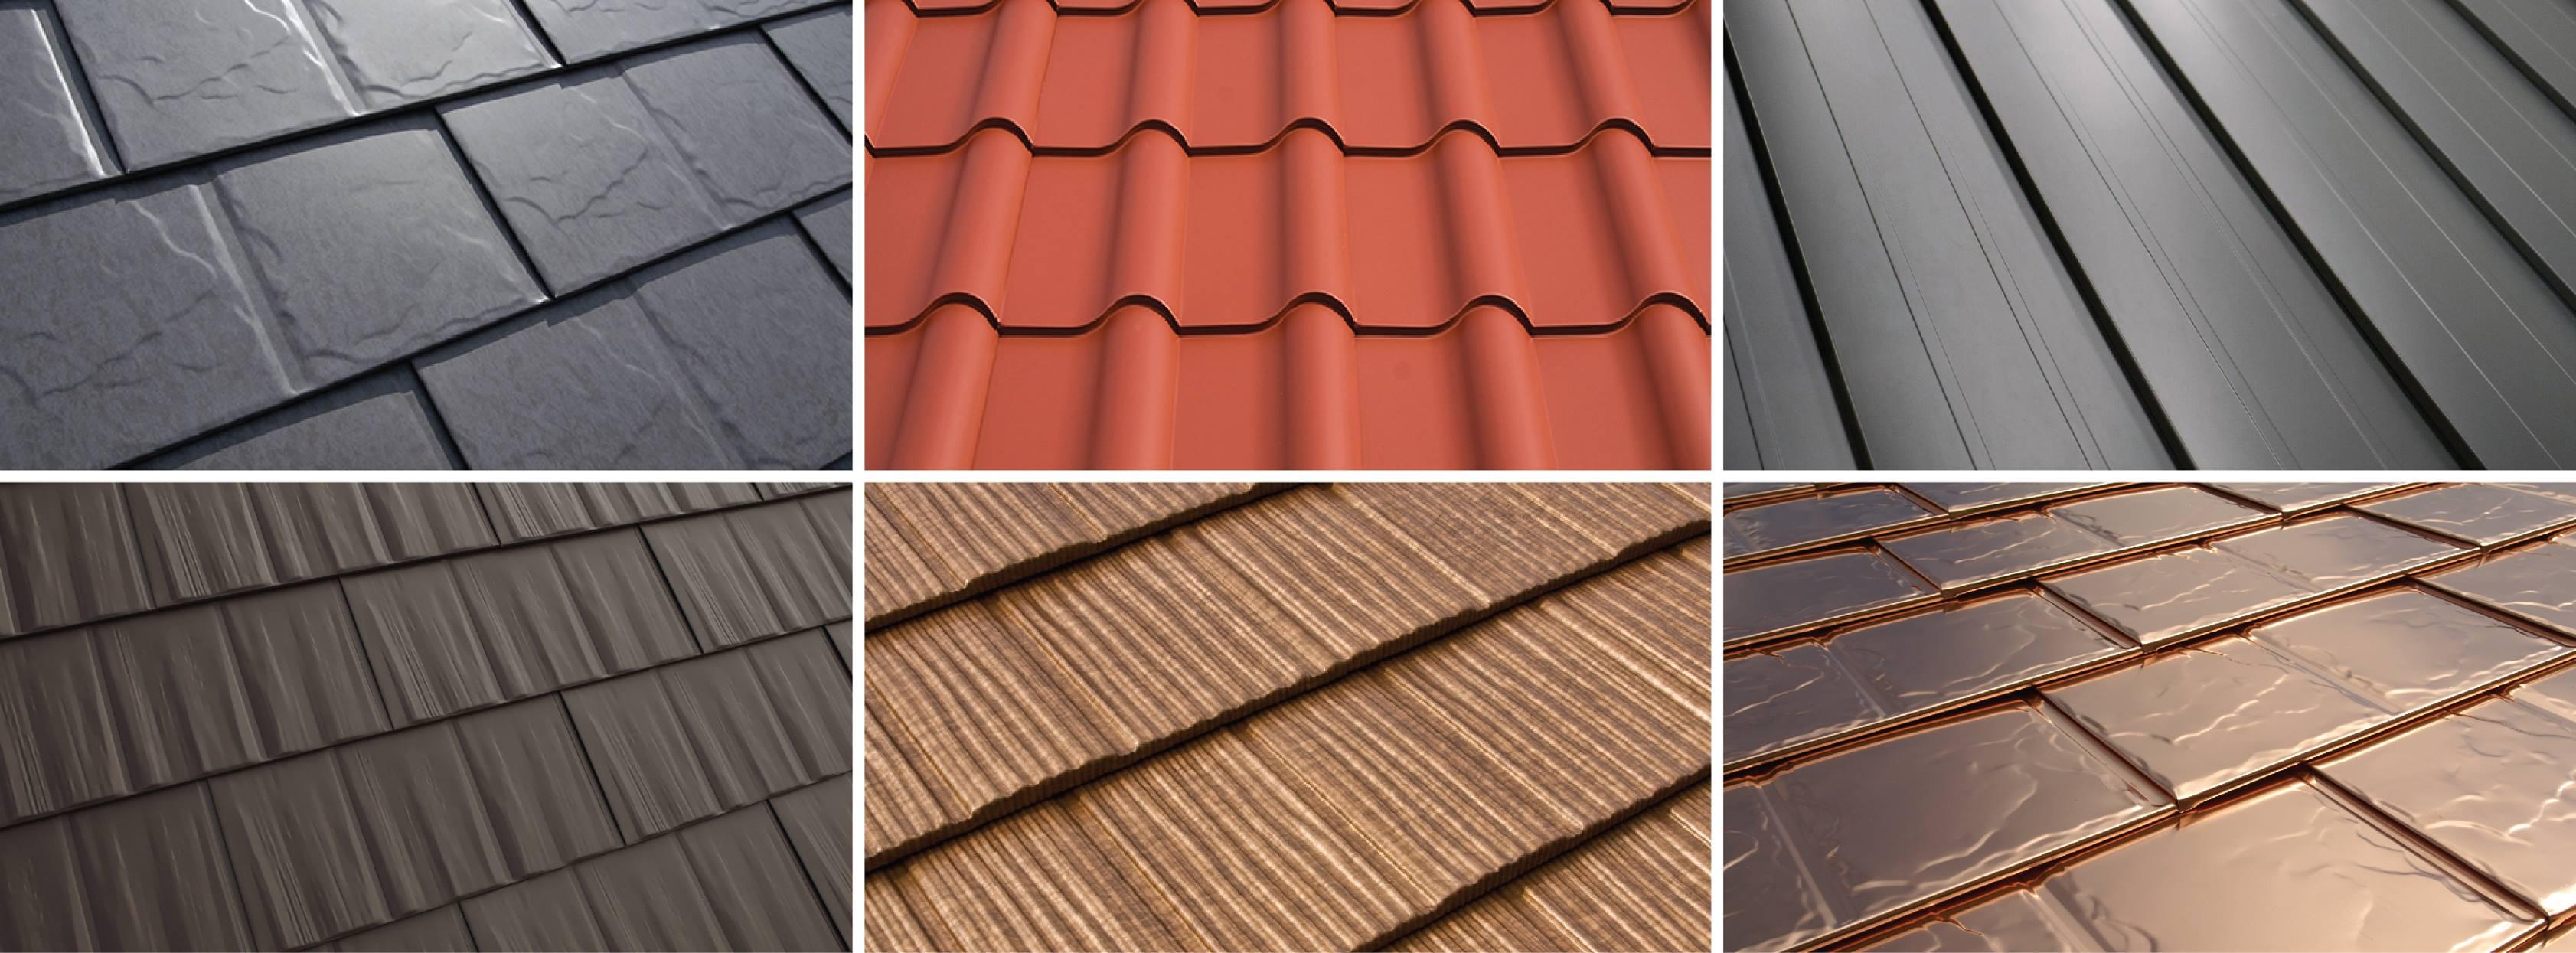 types of metal roofing interlock metal roofing